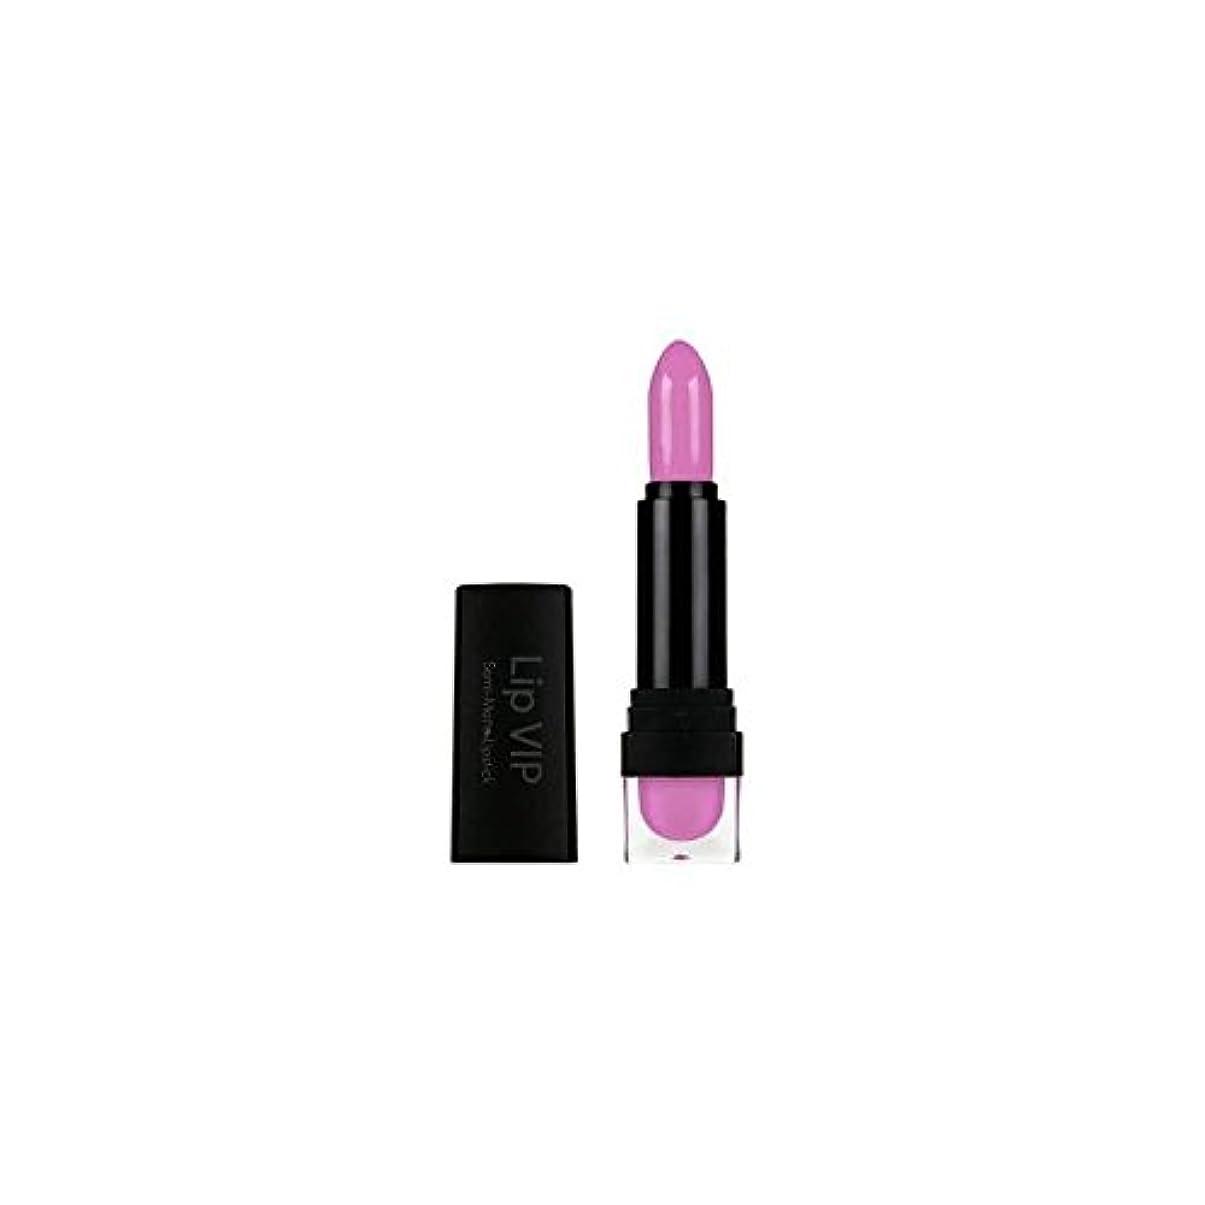 威する骨折ブラインドなめらかな気まぐれなコレクションリップ..大物 x4 - Sleek Whimsical Collection Lip V.I.P Big Shot (Pack of 4) [並行輸入品]